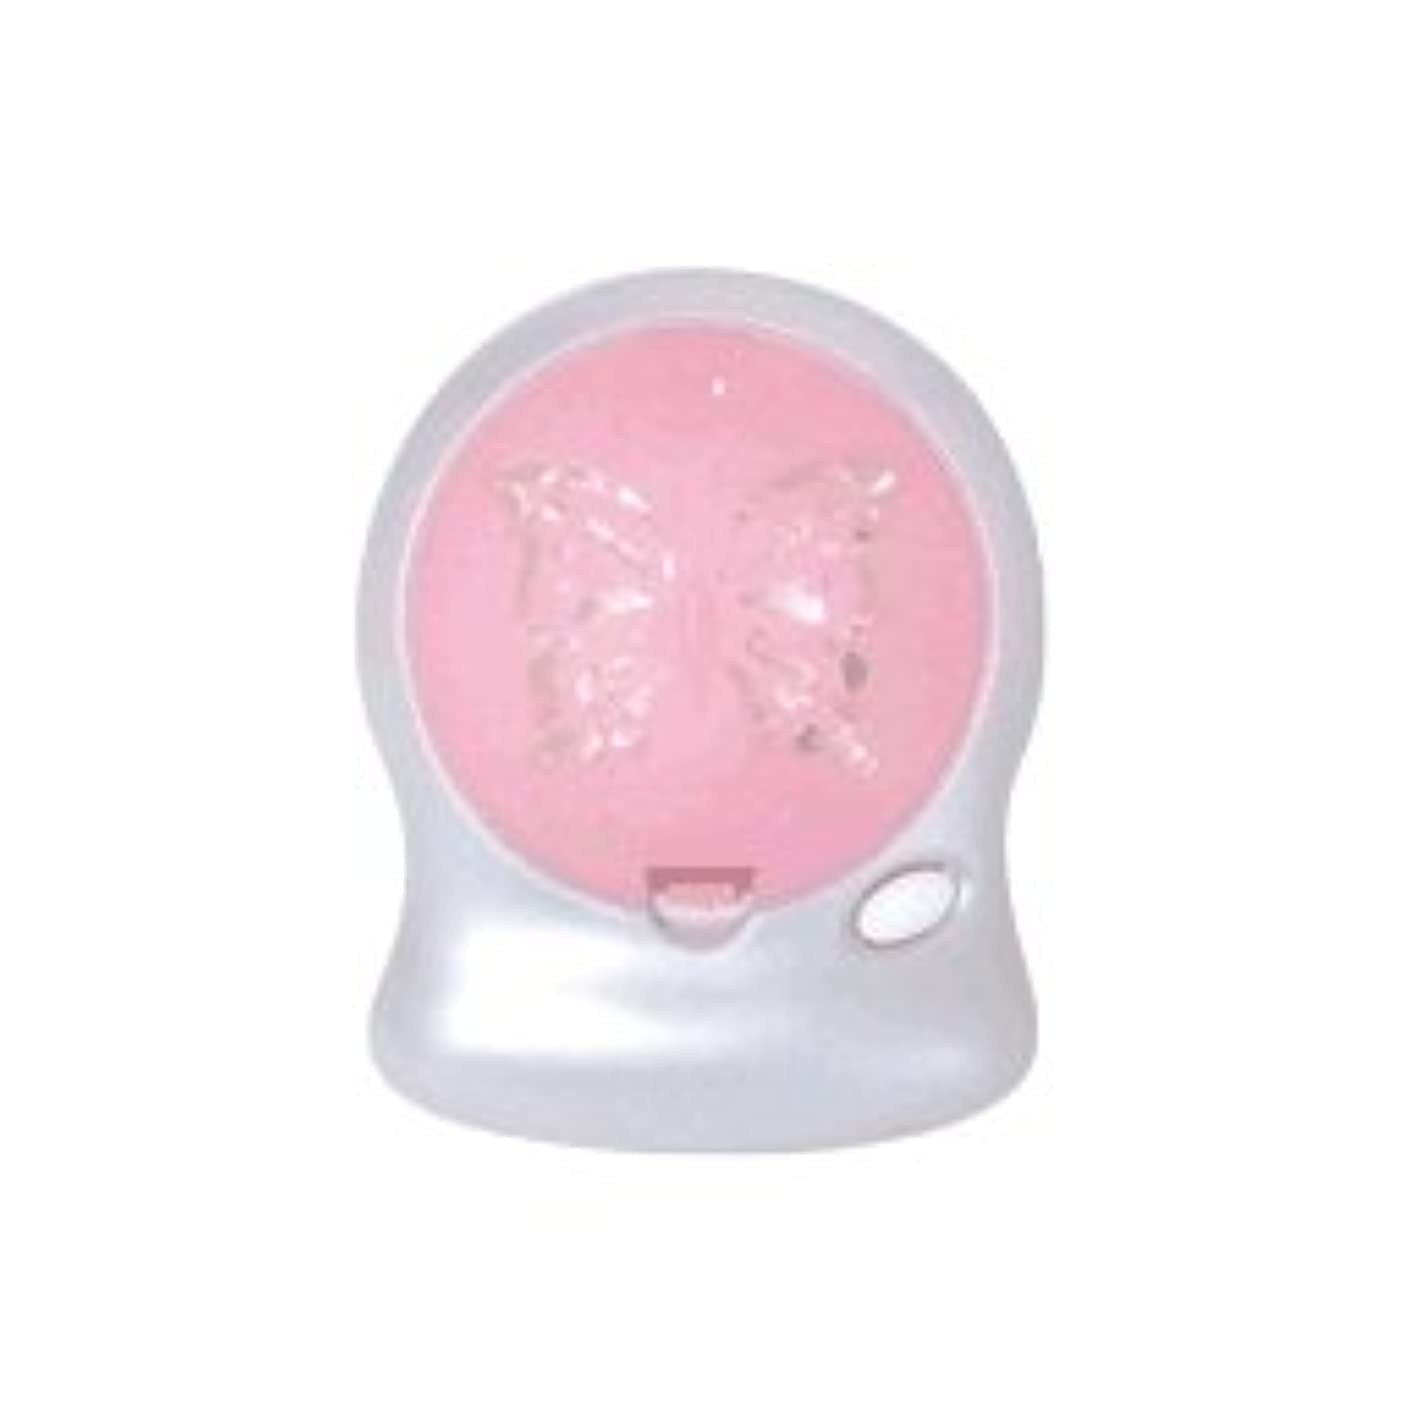 失礼な先慣習アロマブリーズ Nova t Jill (蝶柄) ピンク オフタイマー付モバイルファン式芳香器